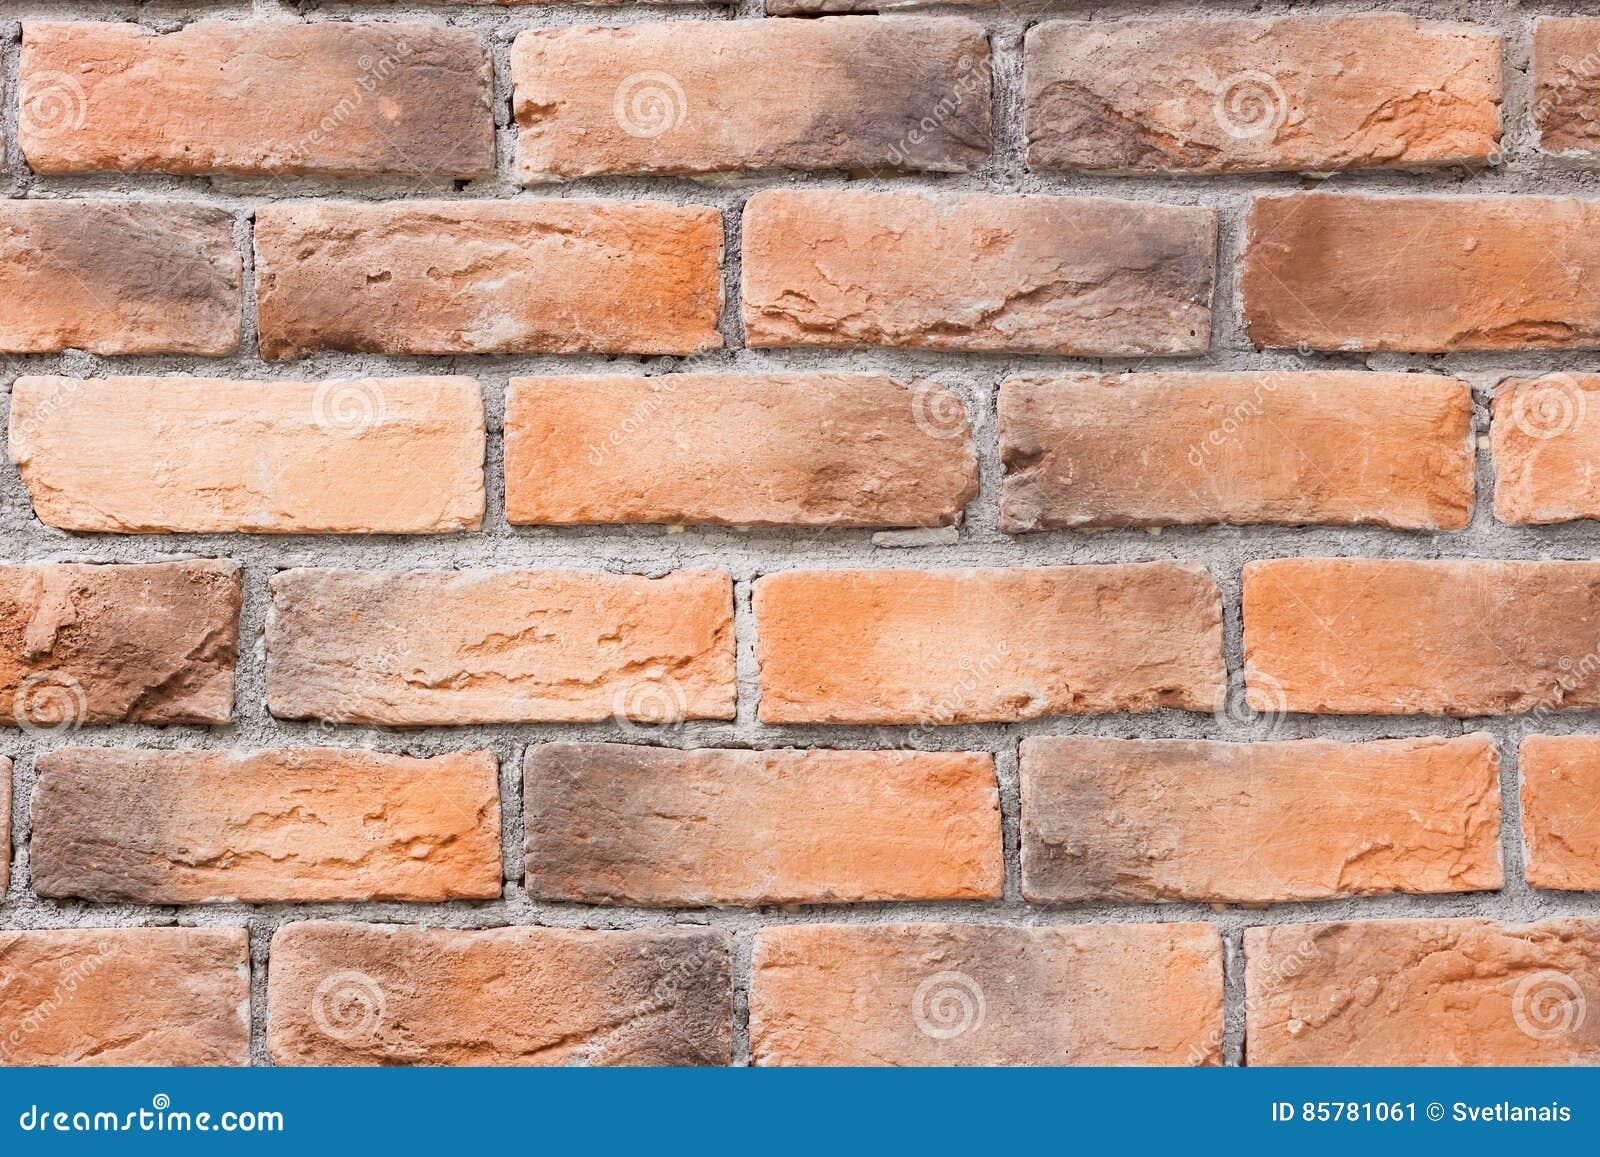 Oude bakstenen muur textuur van metselwerk voor modern ontwerp als achtergrond patroon behang - Modern muur steen ...